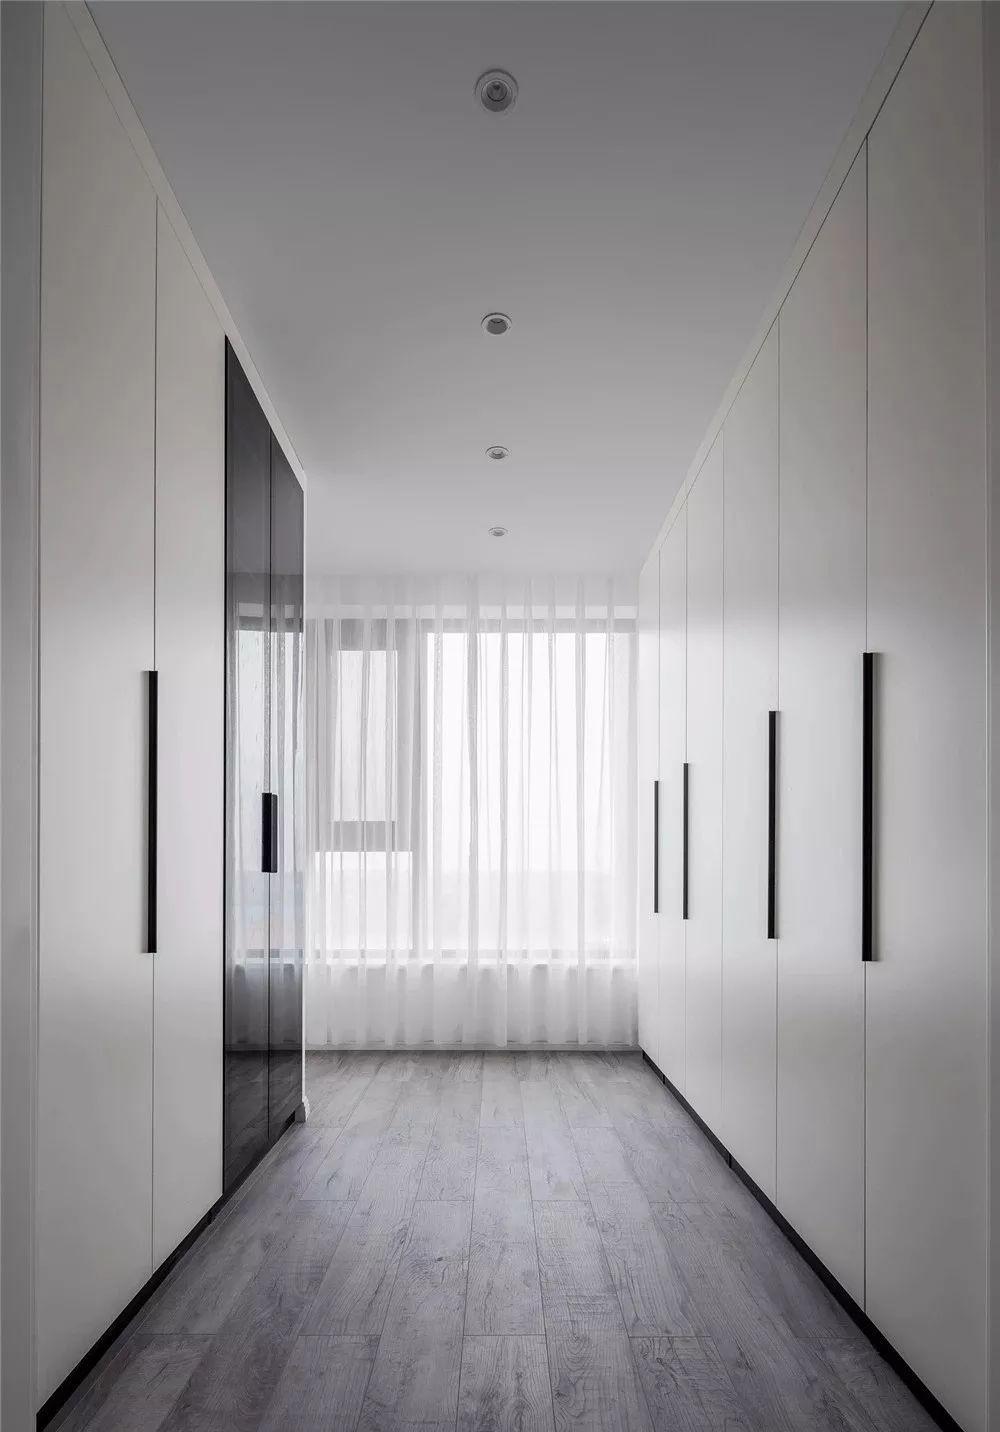 120㎡现代主义3室2厅,去繁就简追求简约生活!